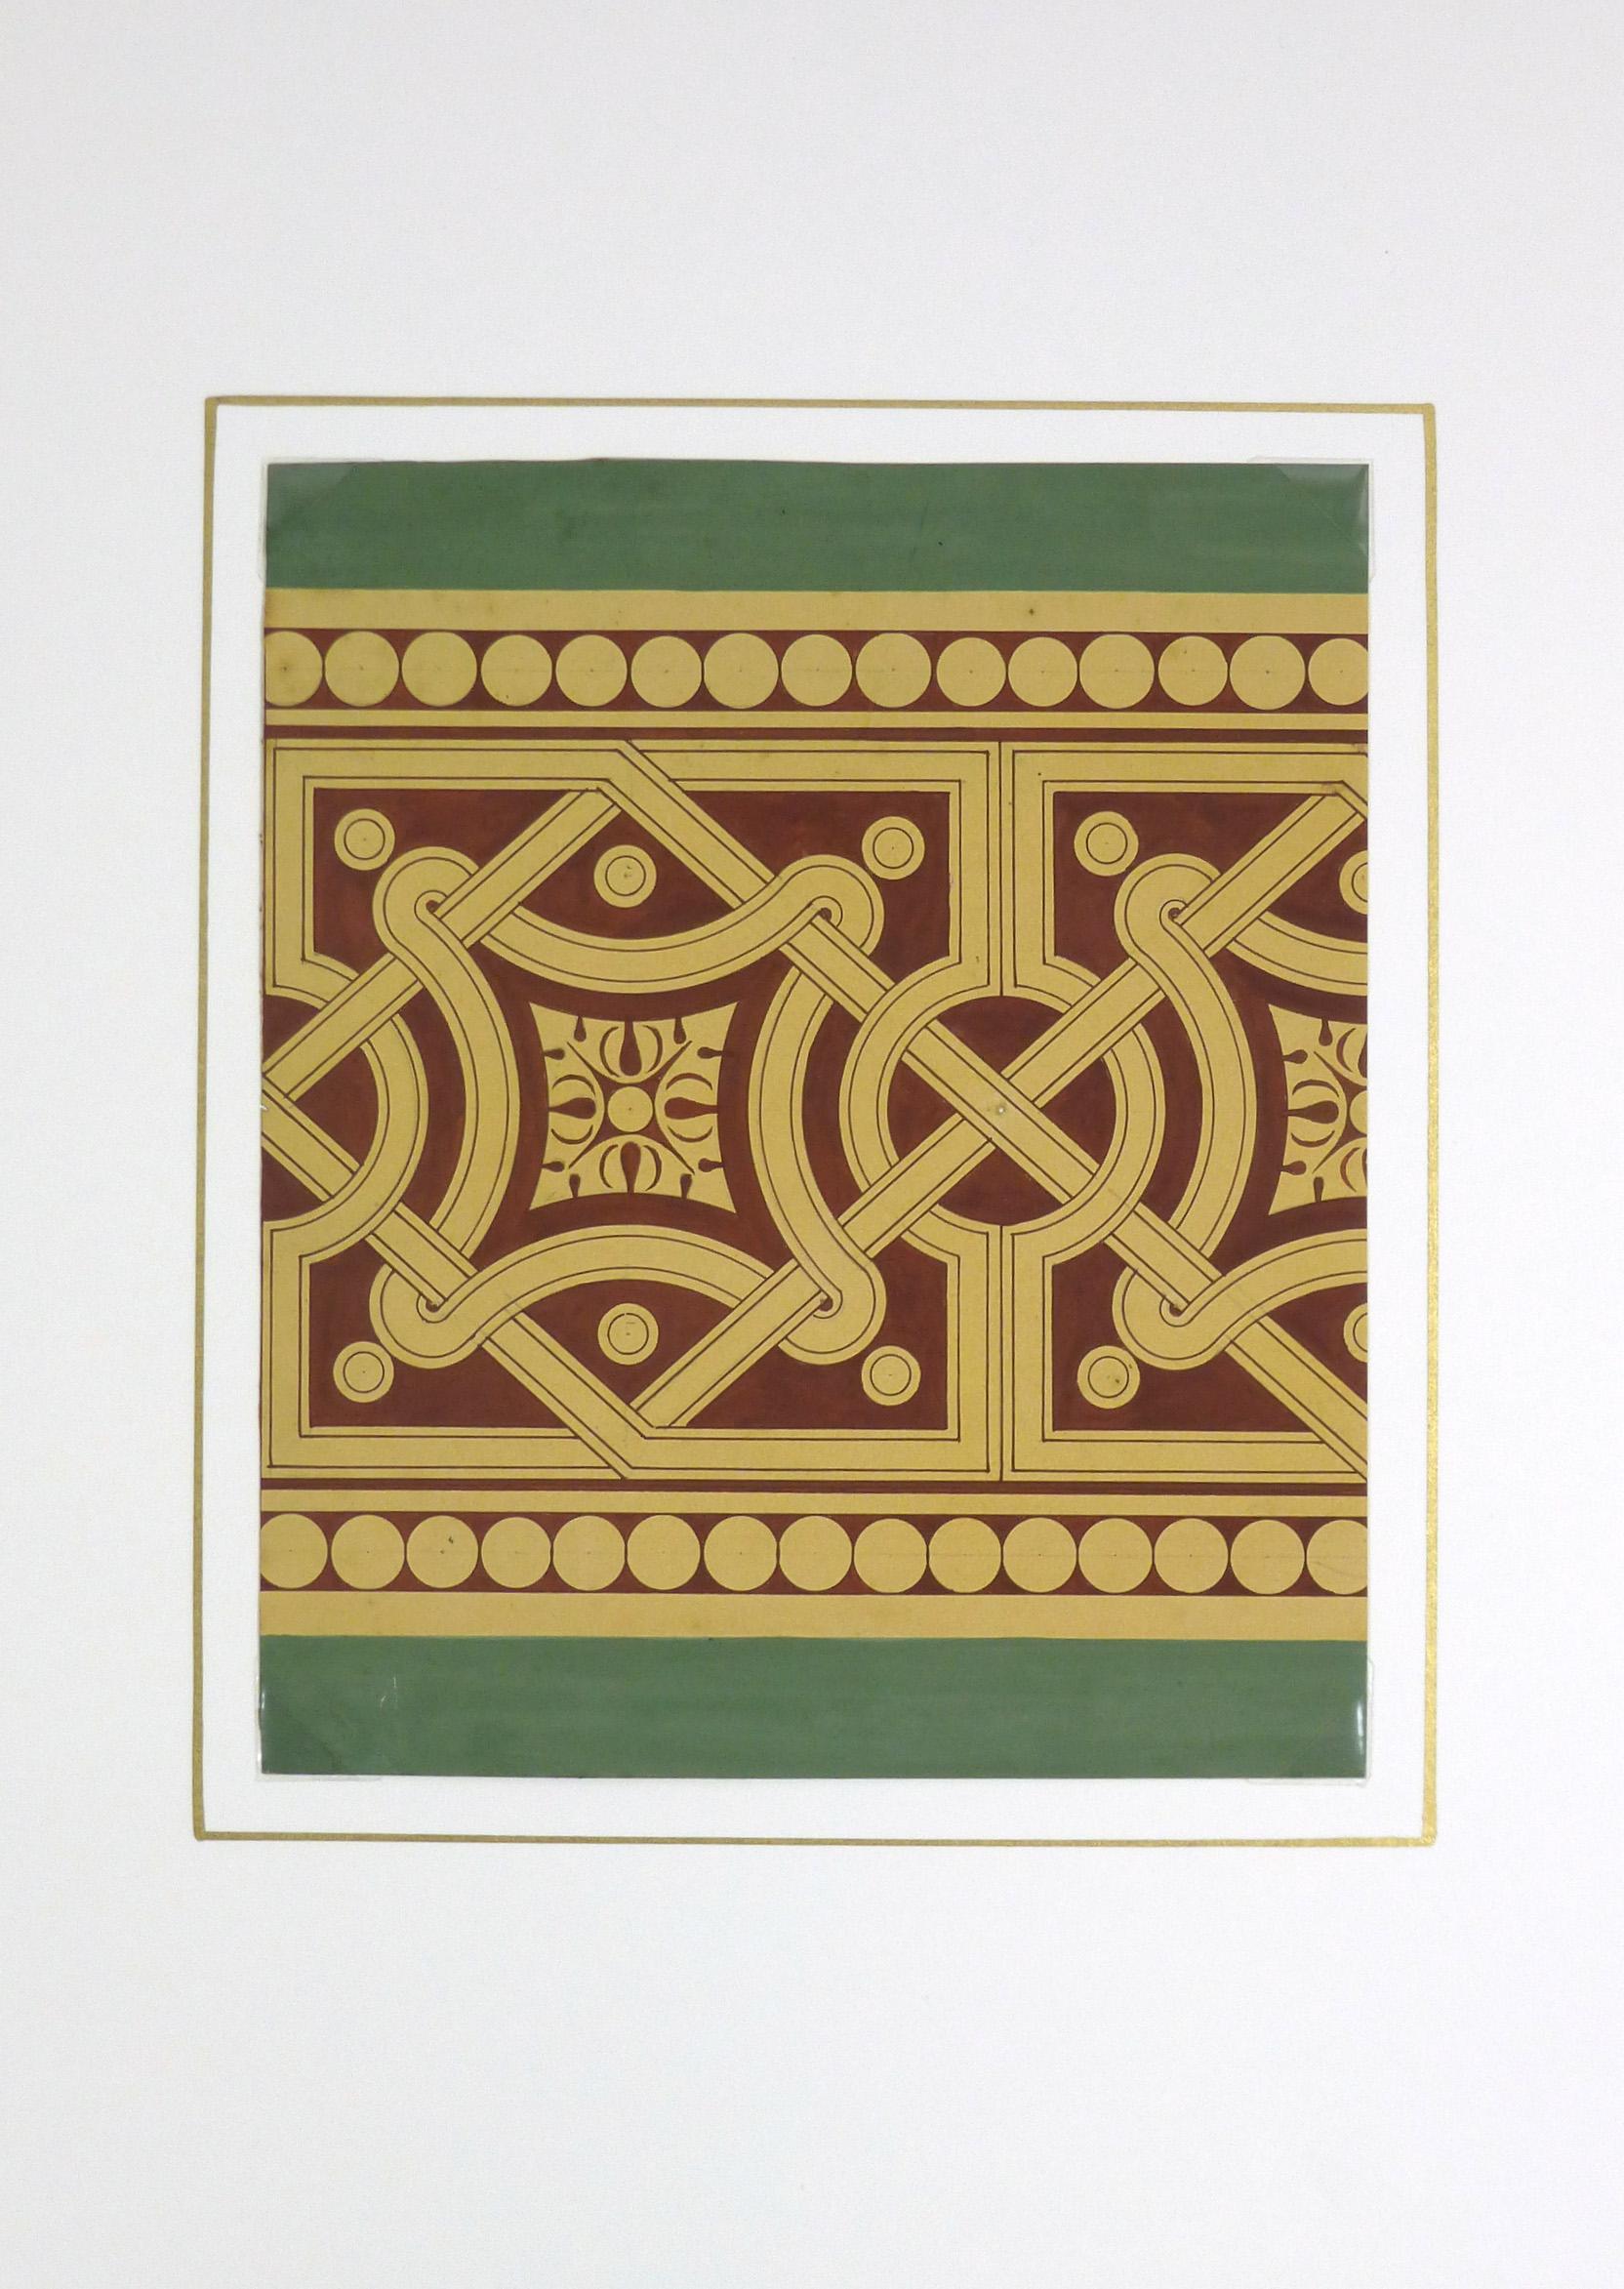 Interlocking Design Painting, Circa 1900-matted-KB1494